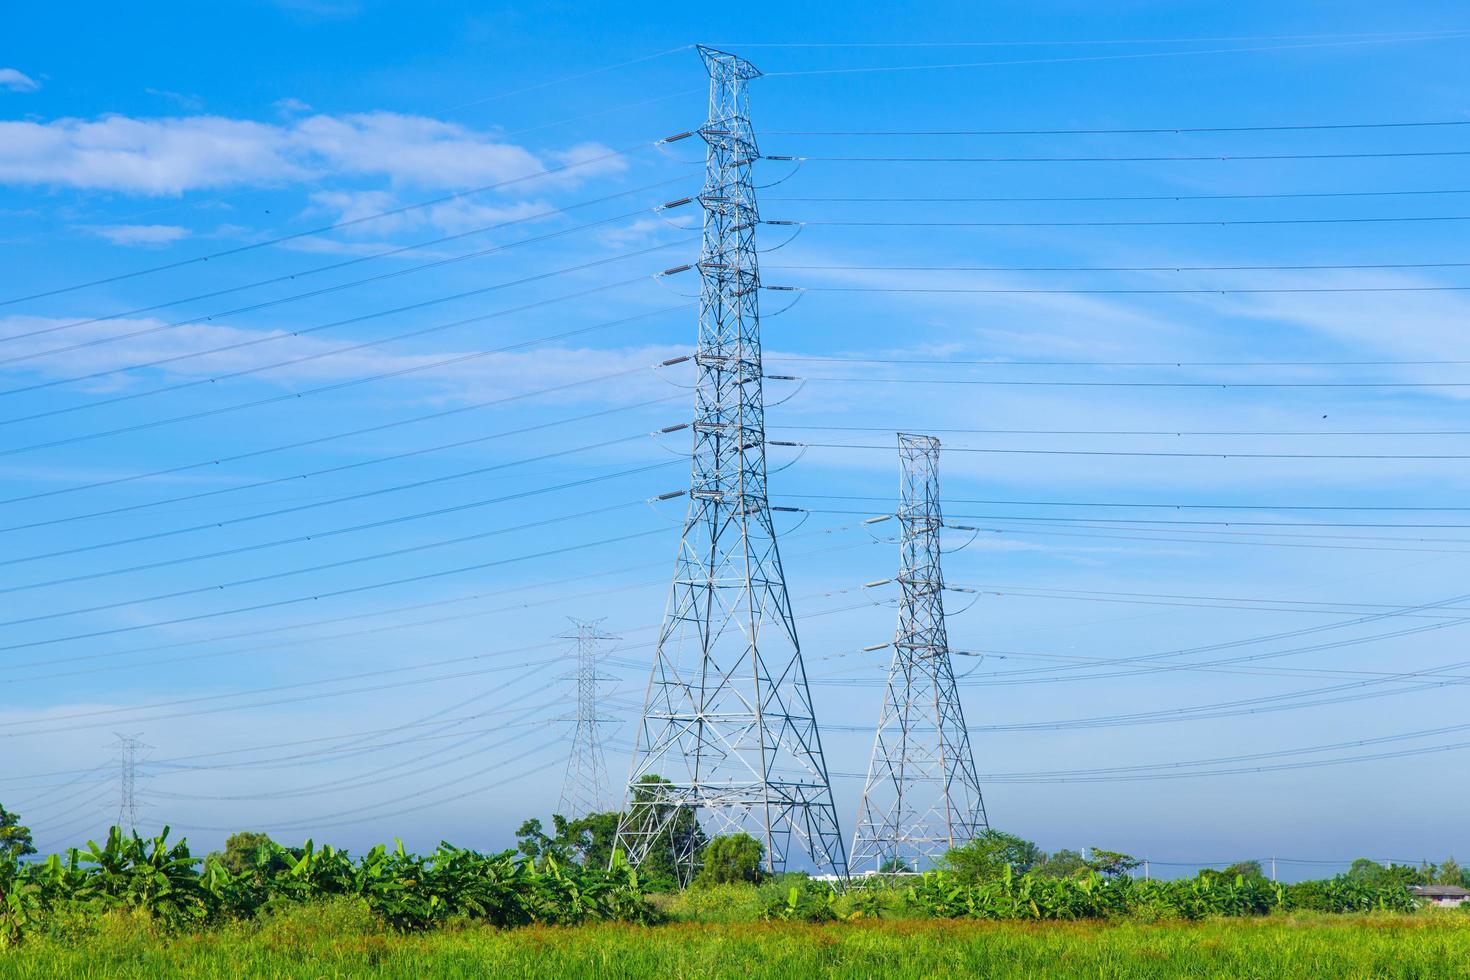 hoogspanningstorens in Thailand foto